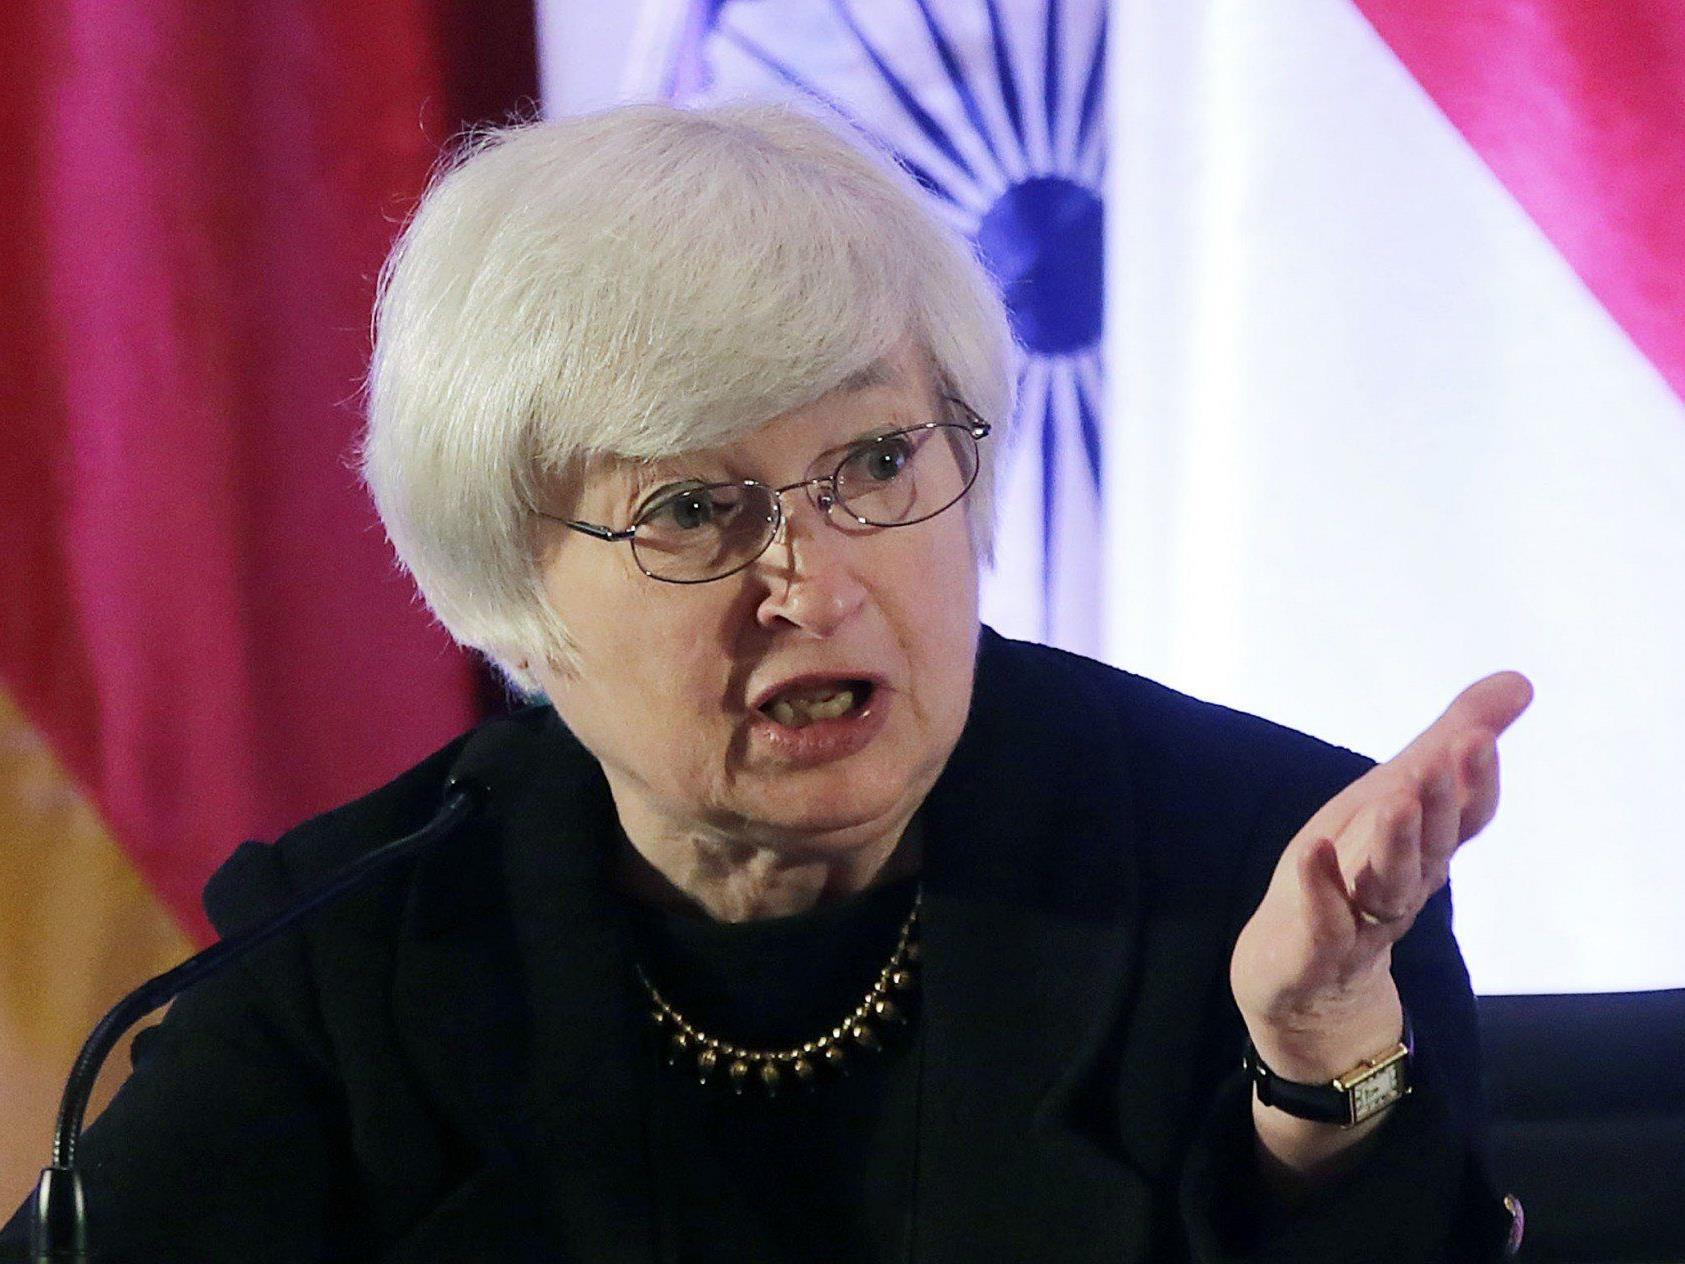 Janet Yellen hat gute Chancen demnächst an der Spitze der US-Notenbank zu sitzen.